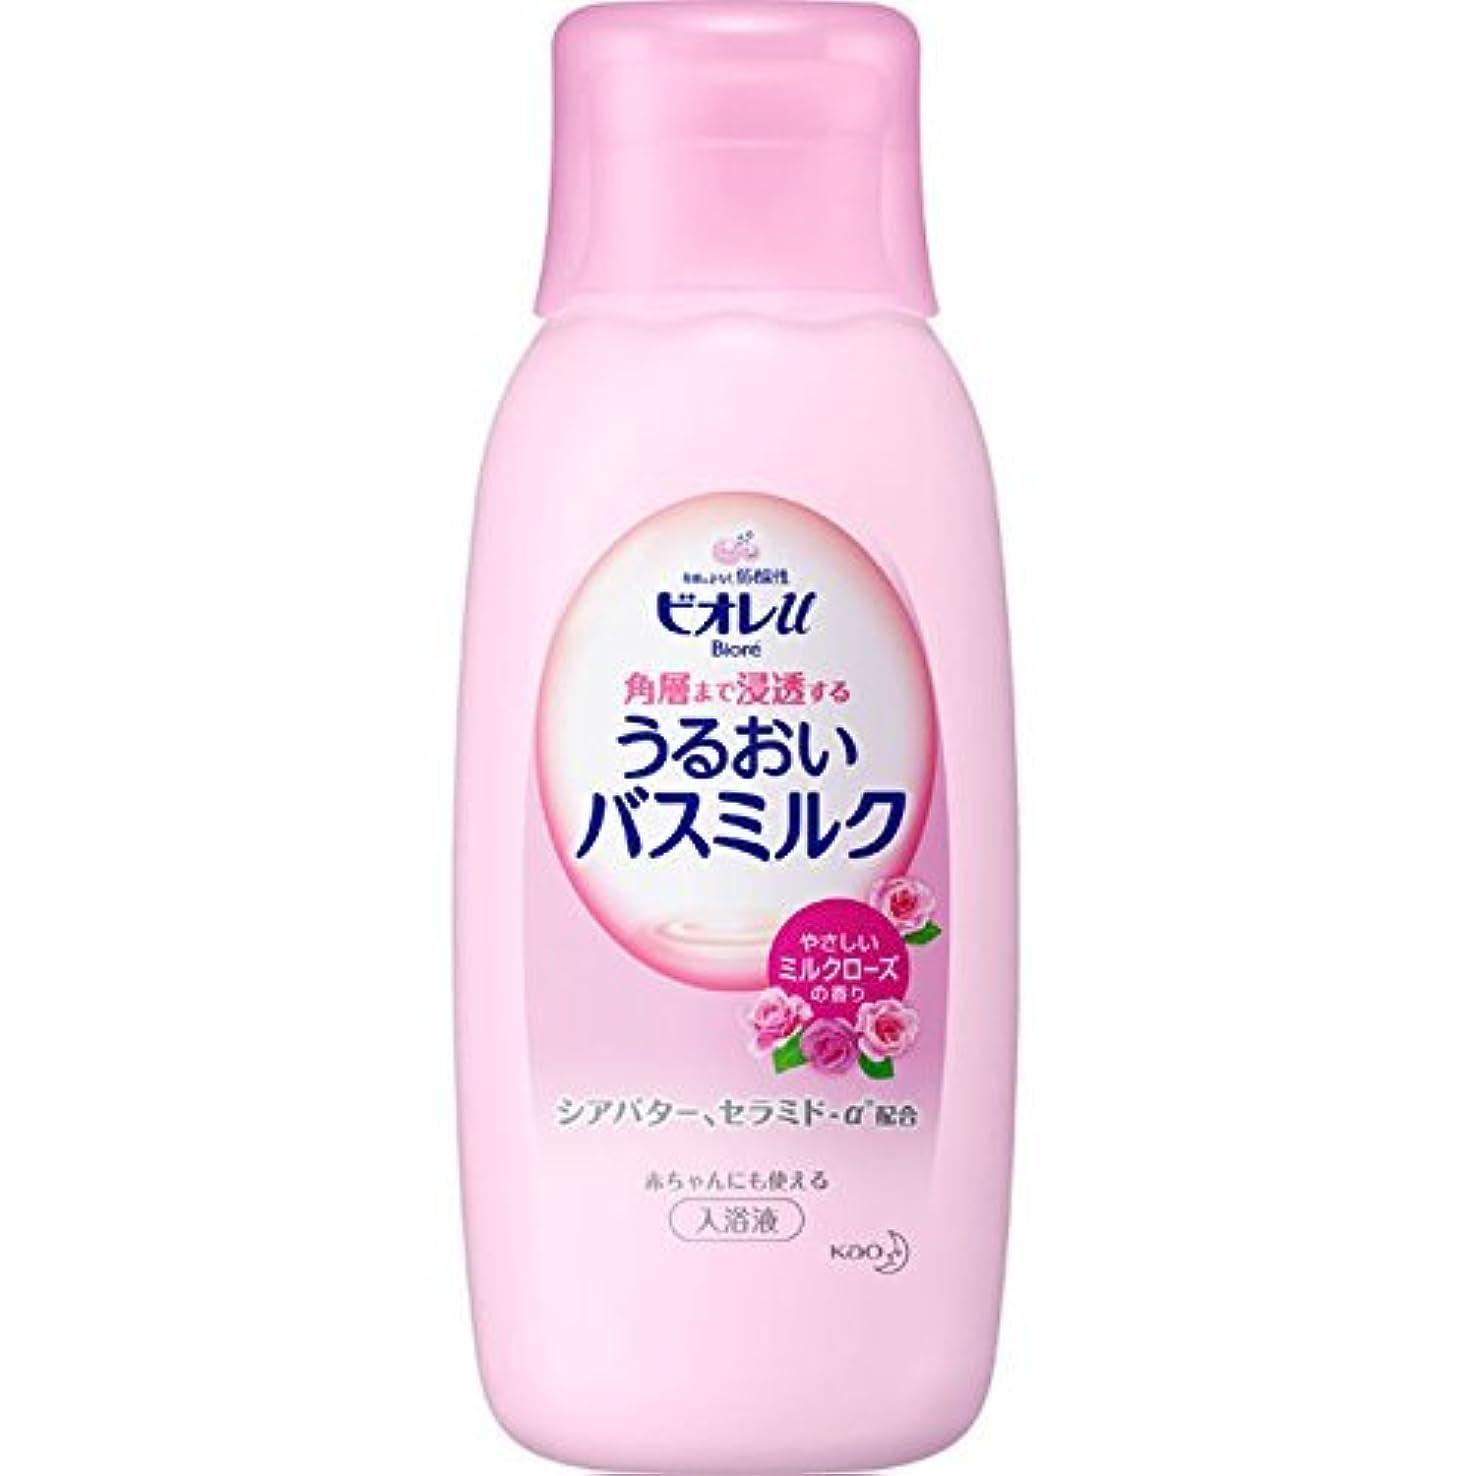 【花王】ビオレU 家族みんなのすべすべバスミルク ミルクローズの香り <本体> 600ml ×5個セット